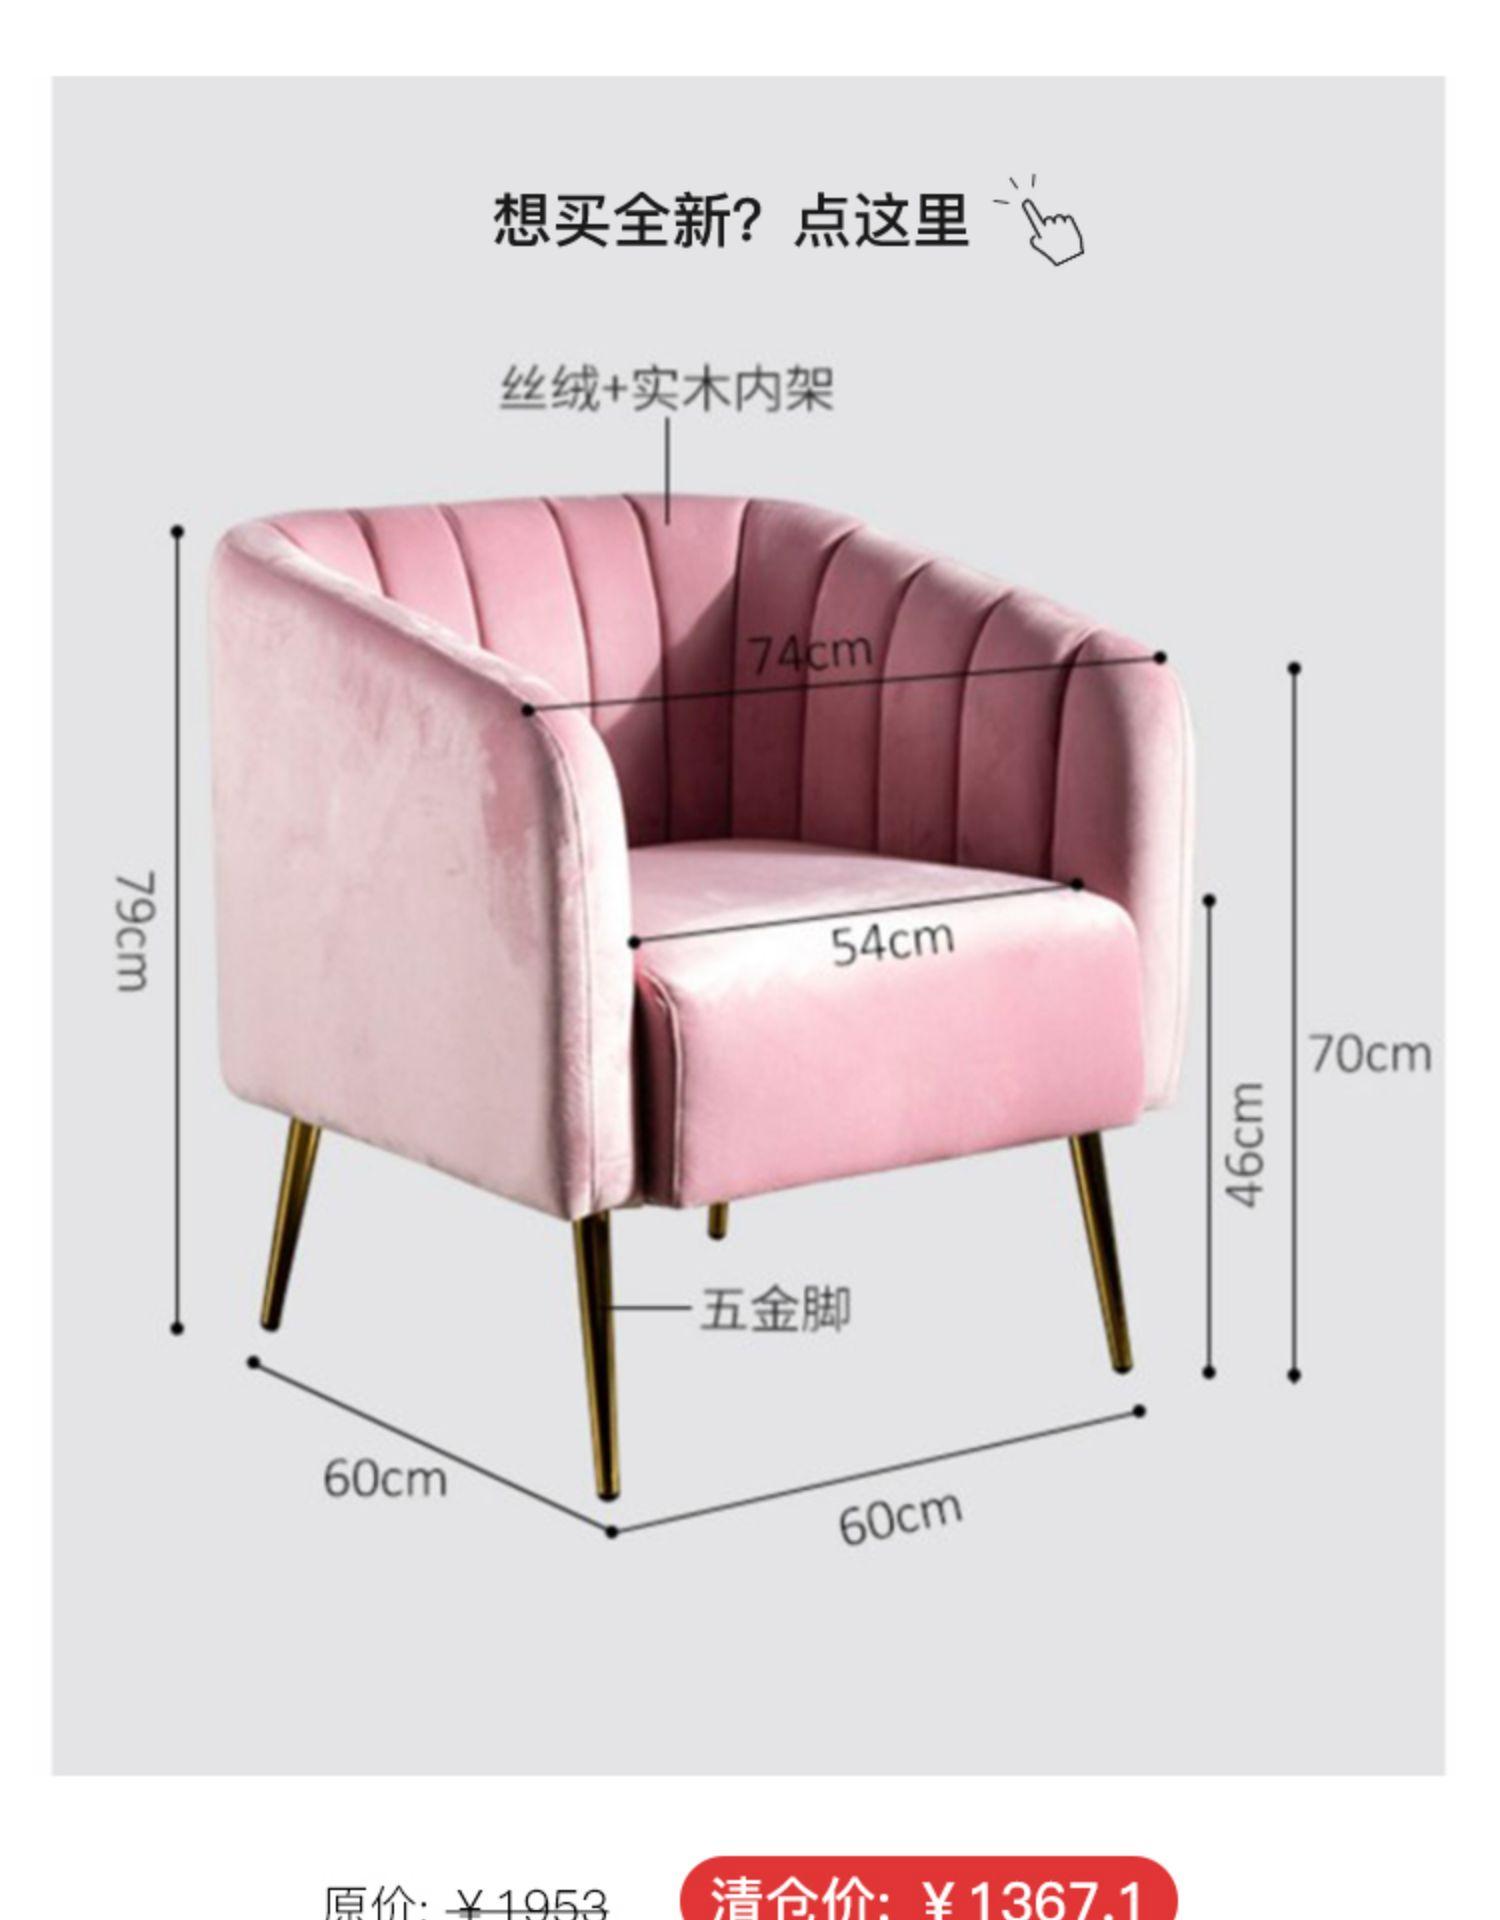 慵懶空間家具清倉撿漏北歐沙發單人花朵椅休閑老虎椅皮沙發單椅